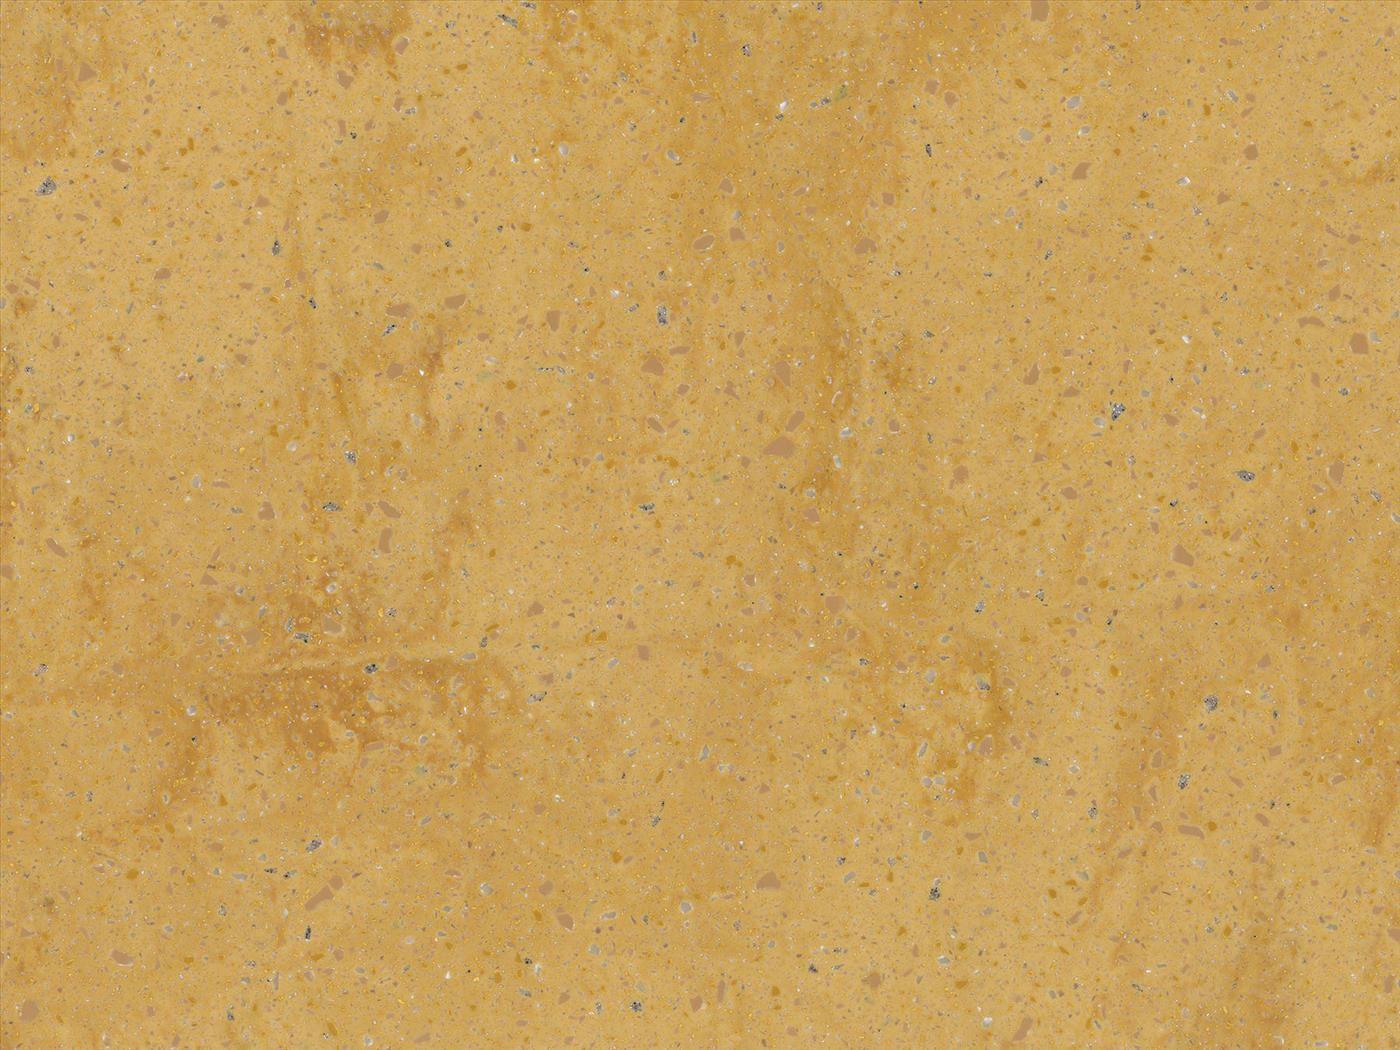 קוריאן corian aztec gold